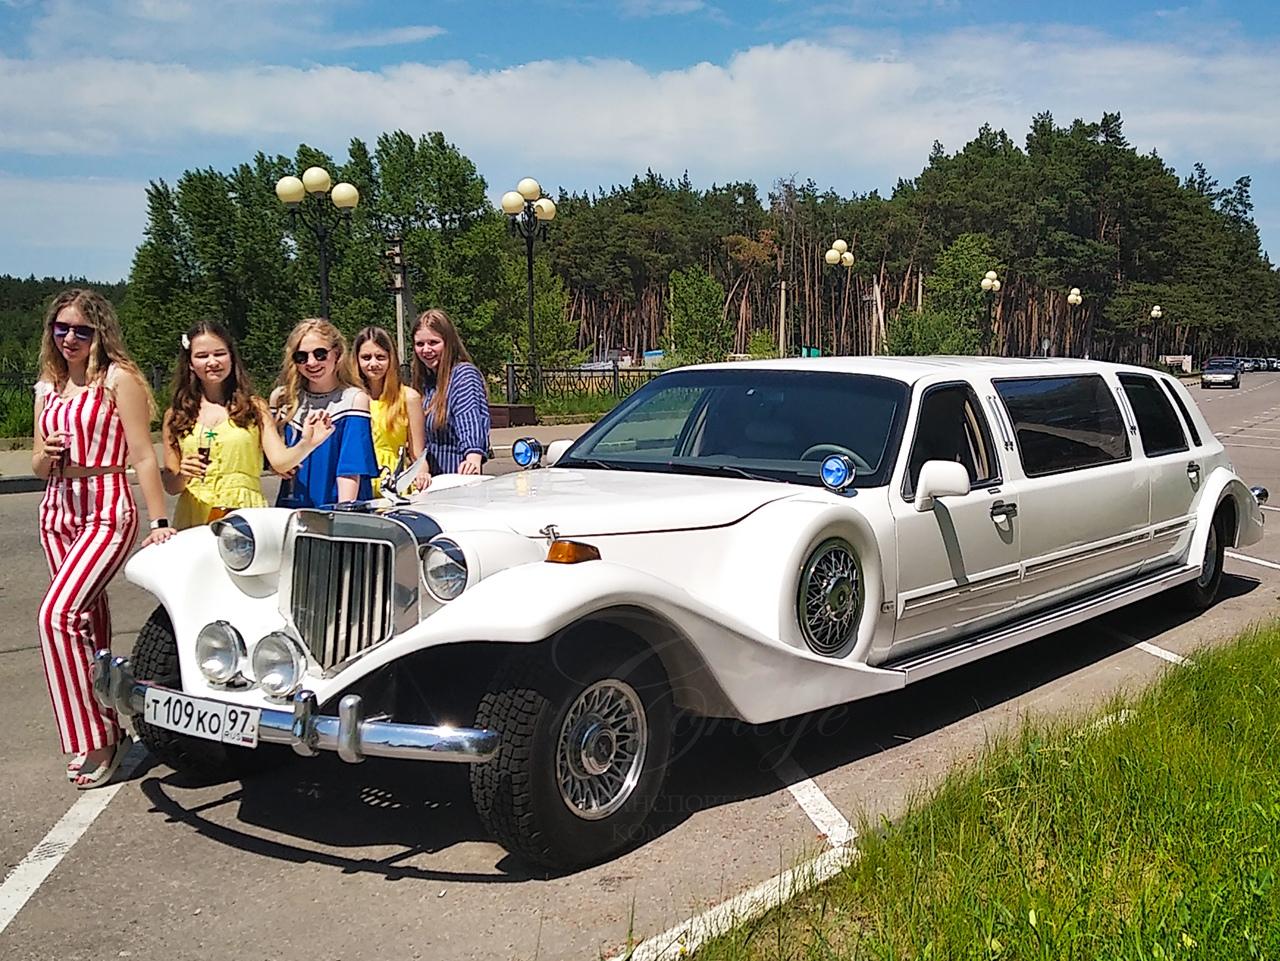 Лимузин Белгород. Прокат лимузинов от 7 до 20 мест. Ретро лимузин Lincoln Excalibur Phantom. Аренда машины на свадьбу. Заказ авто на свадьбу Белгород.